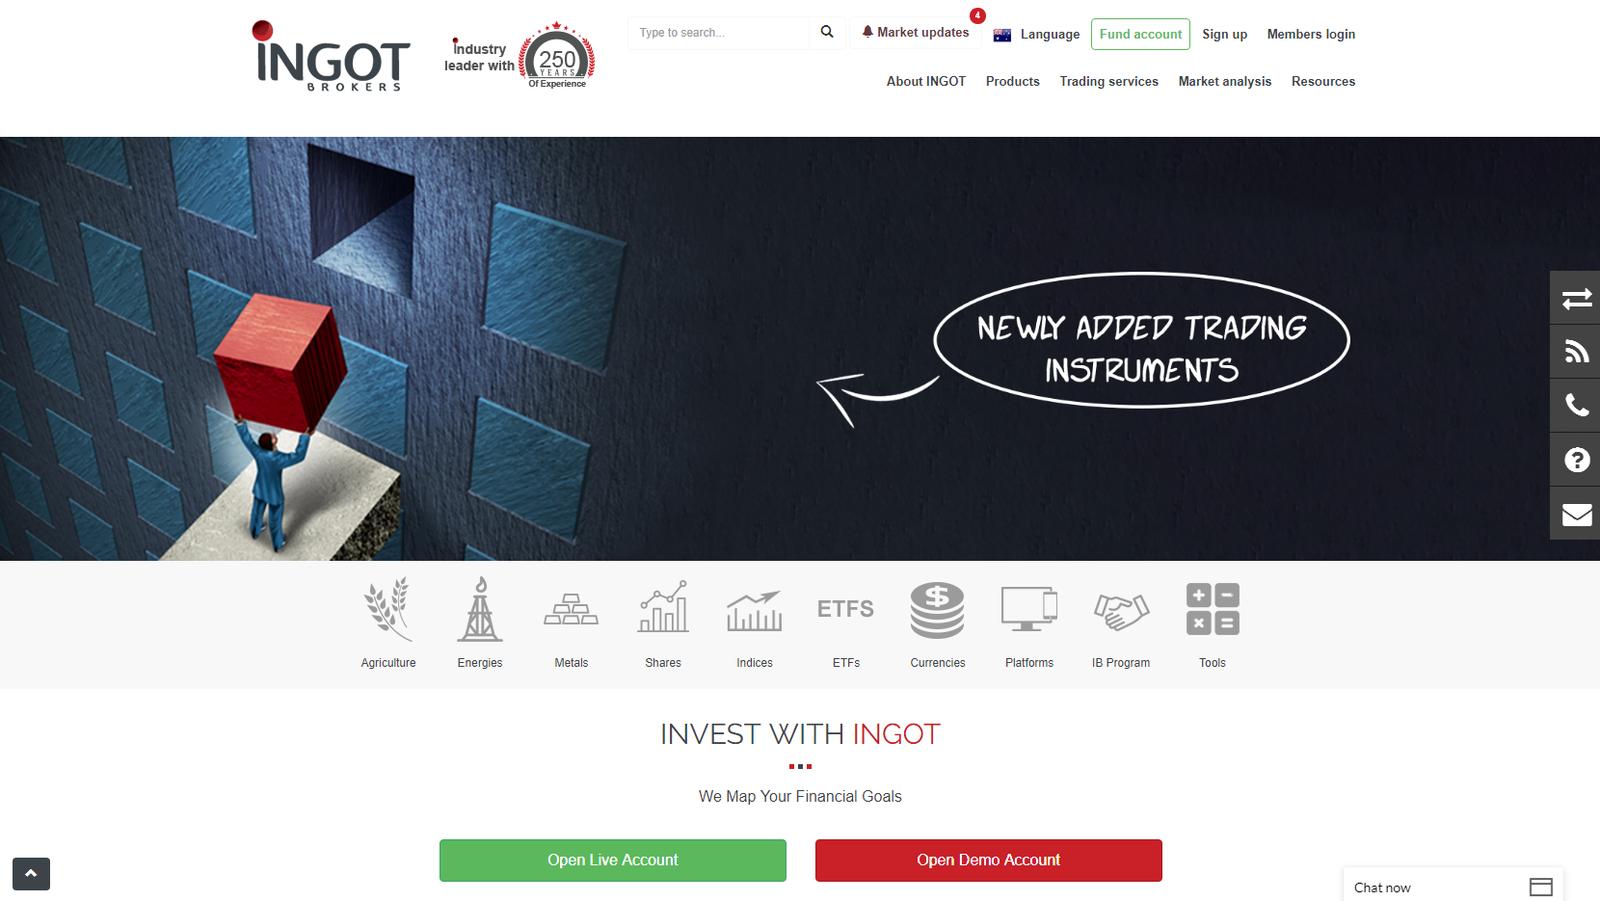 INGOT review